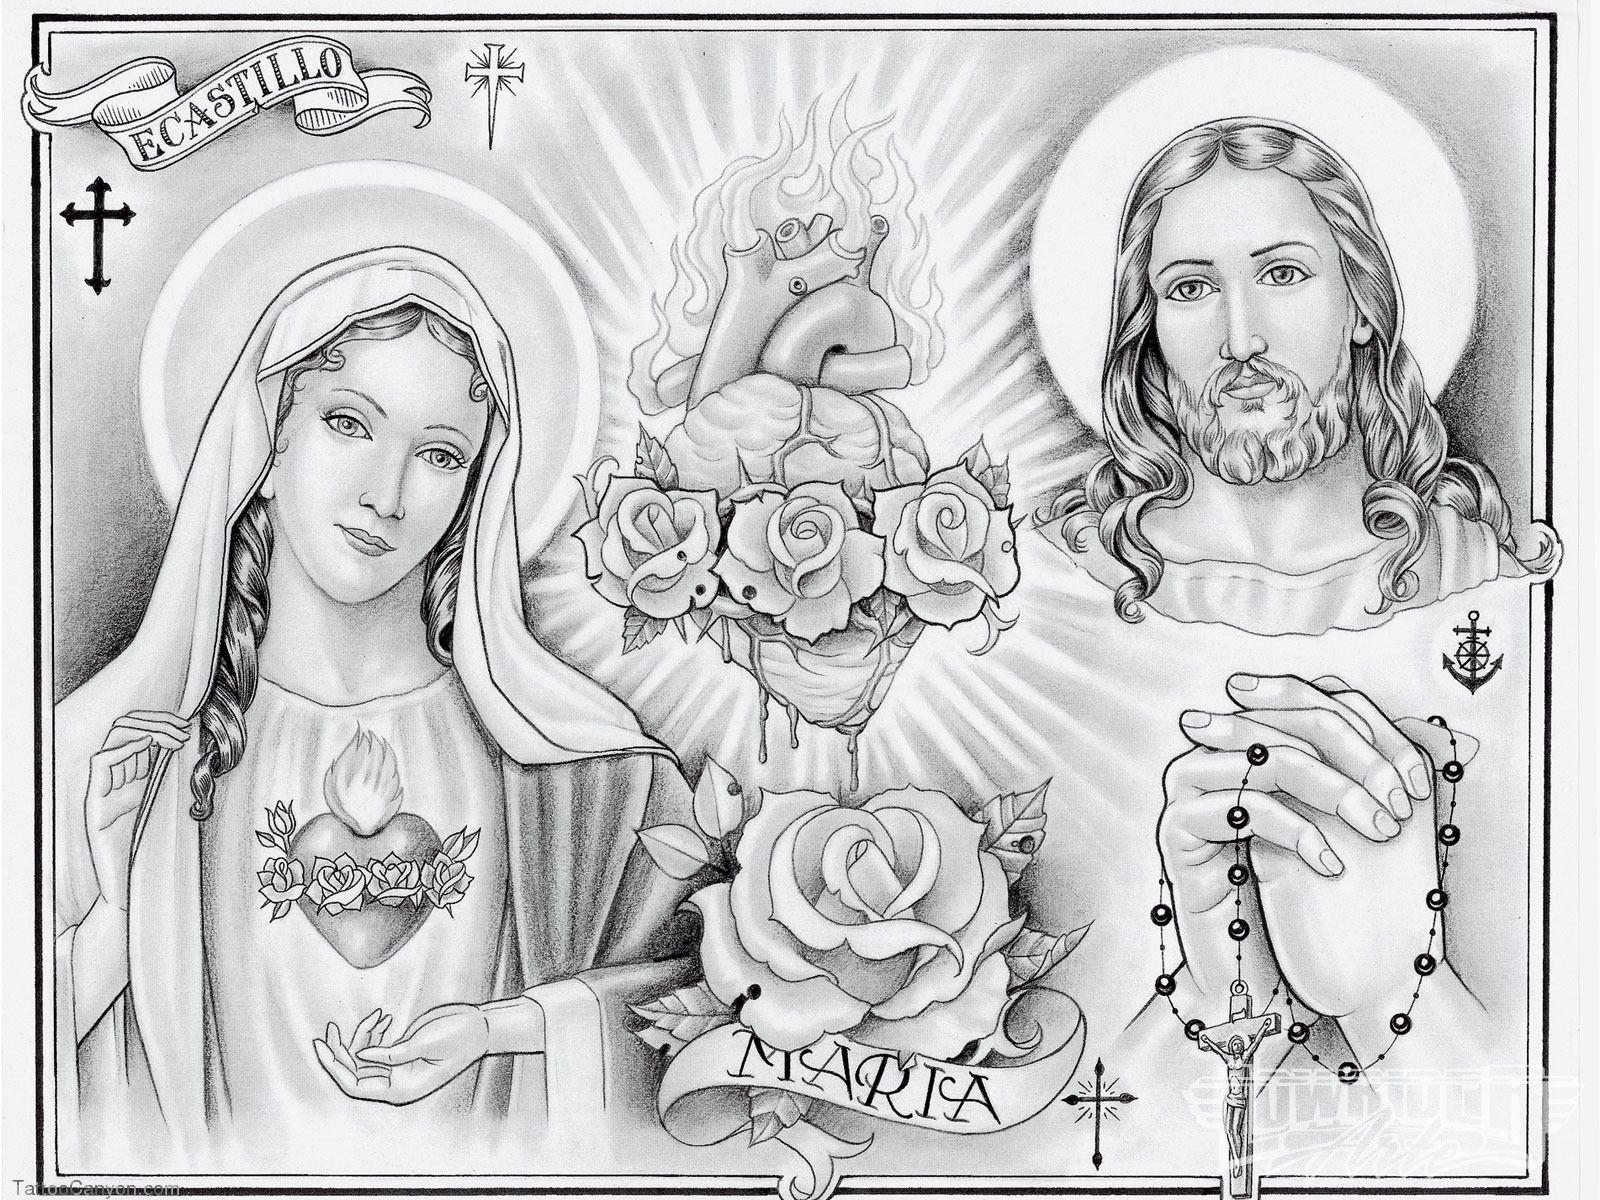 Christ jesus tattoo art photo 2 prison art jesus